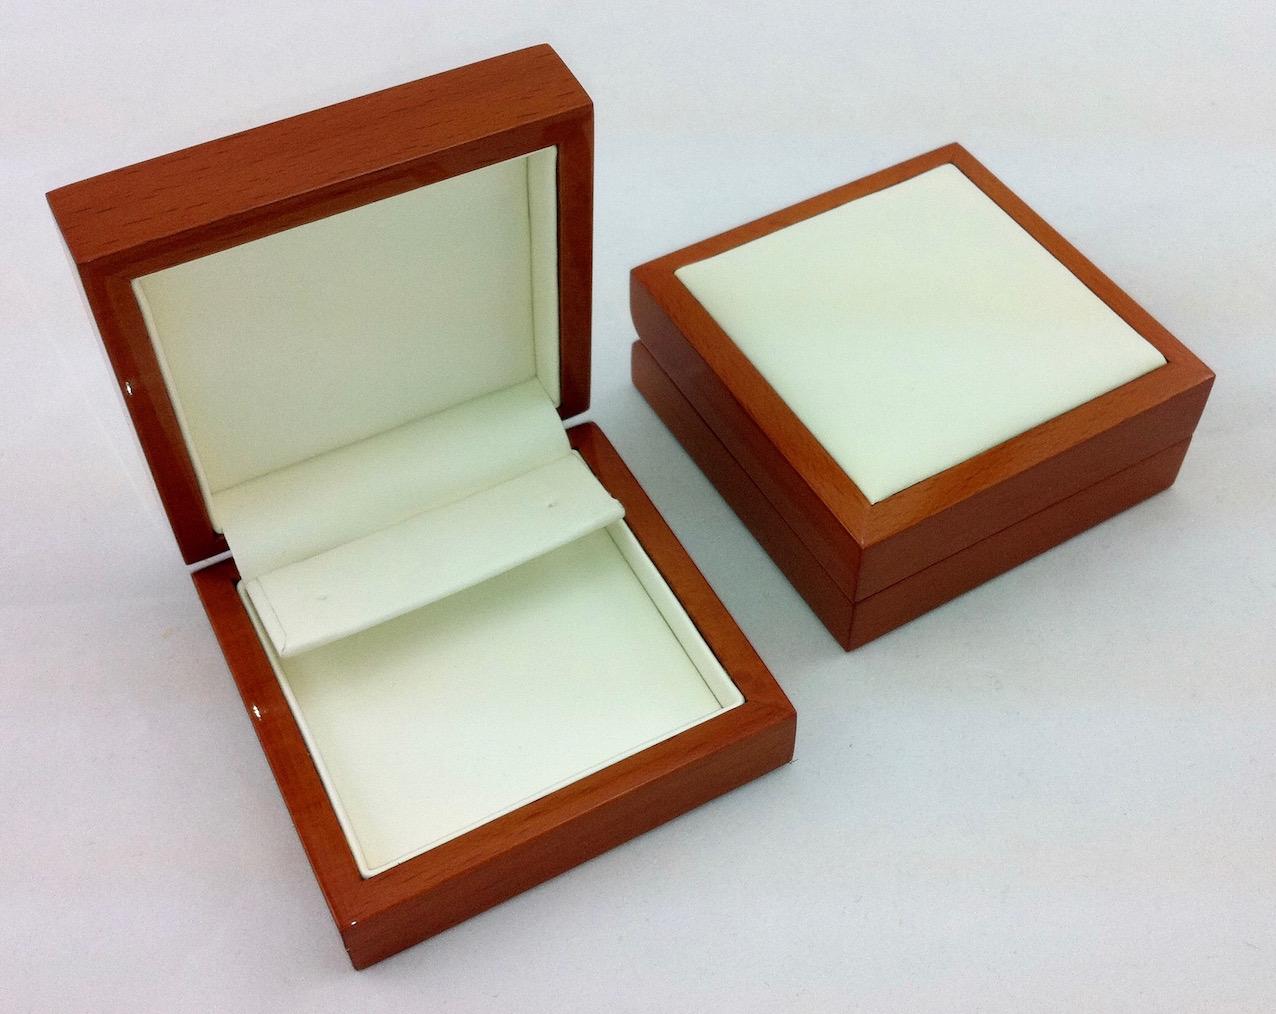 Huge earring insert in Luxury Leather jewellery box